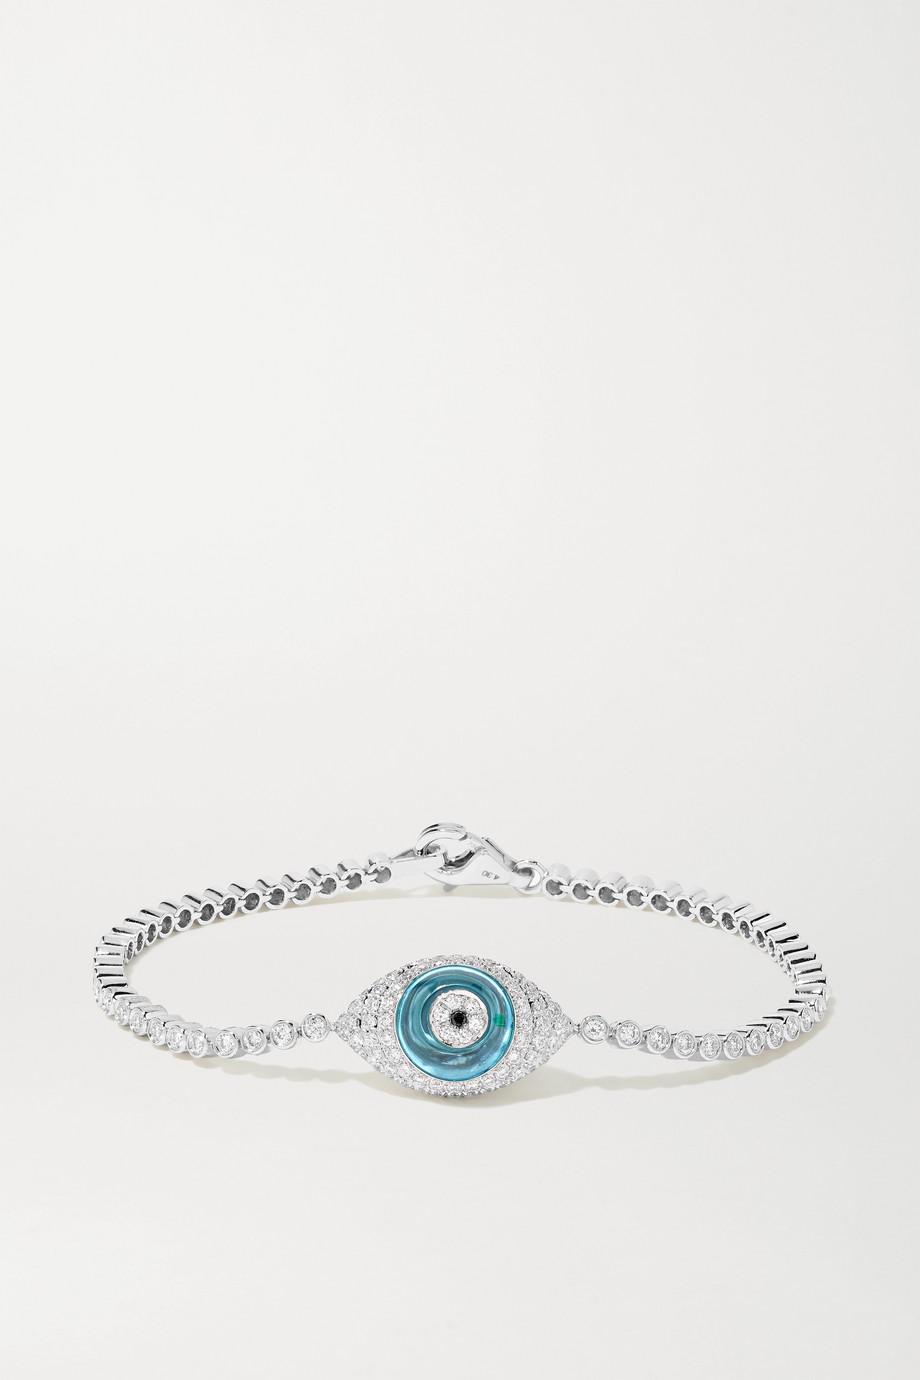 Lorraine Schwartz 18-karat white gold, topaz and diamond bracelet